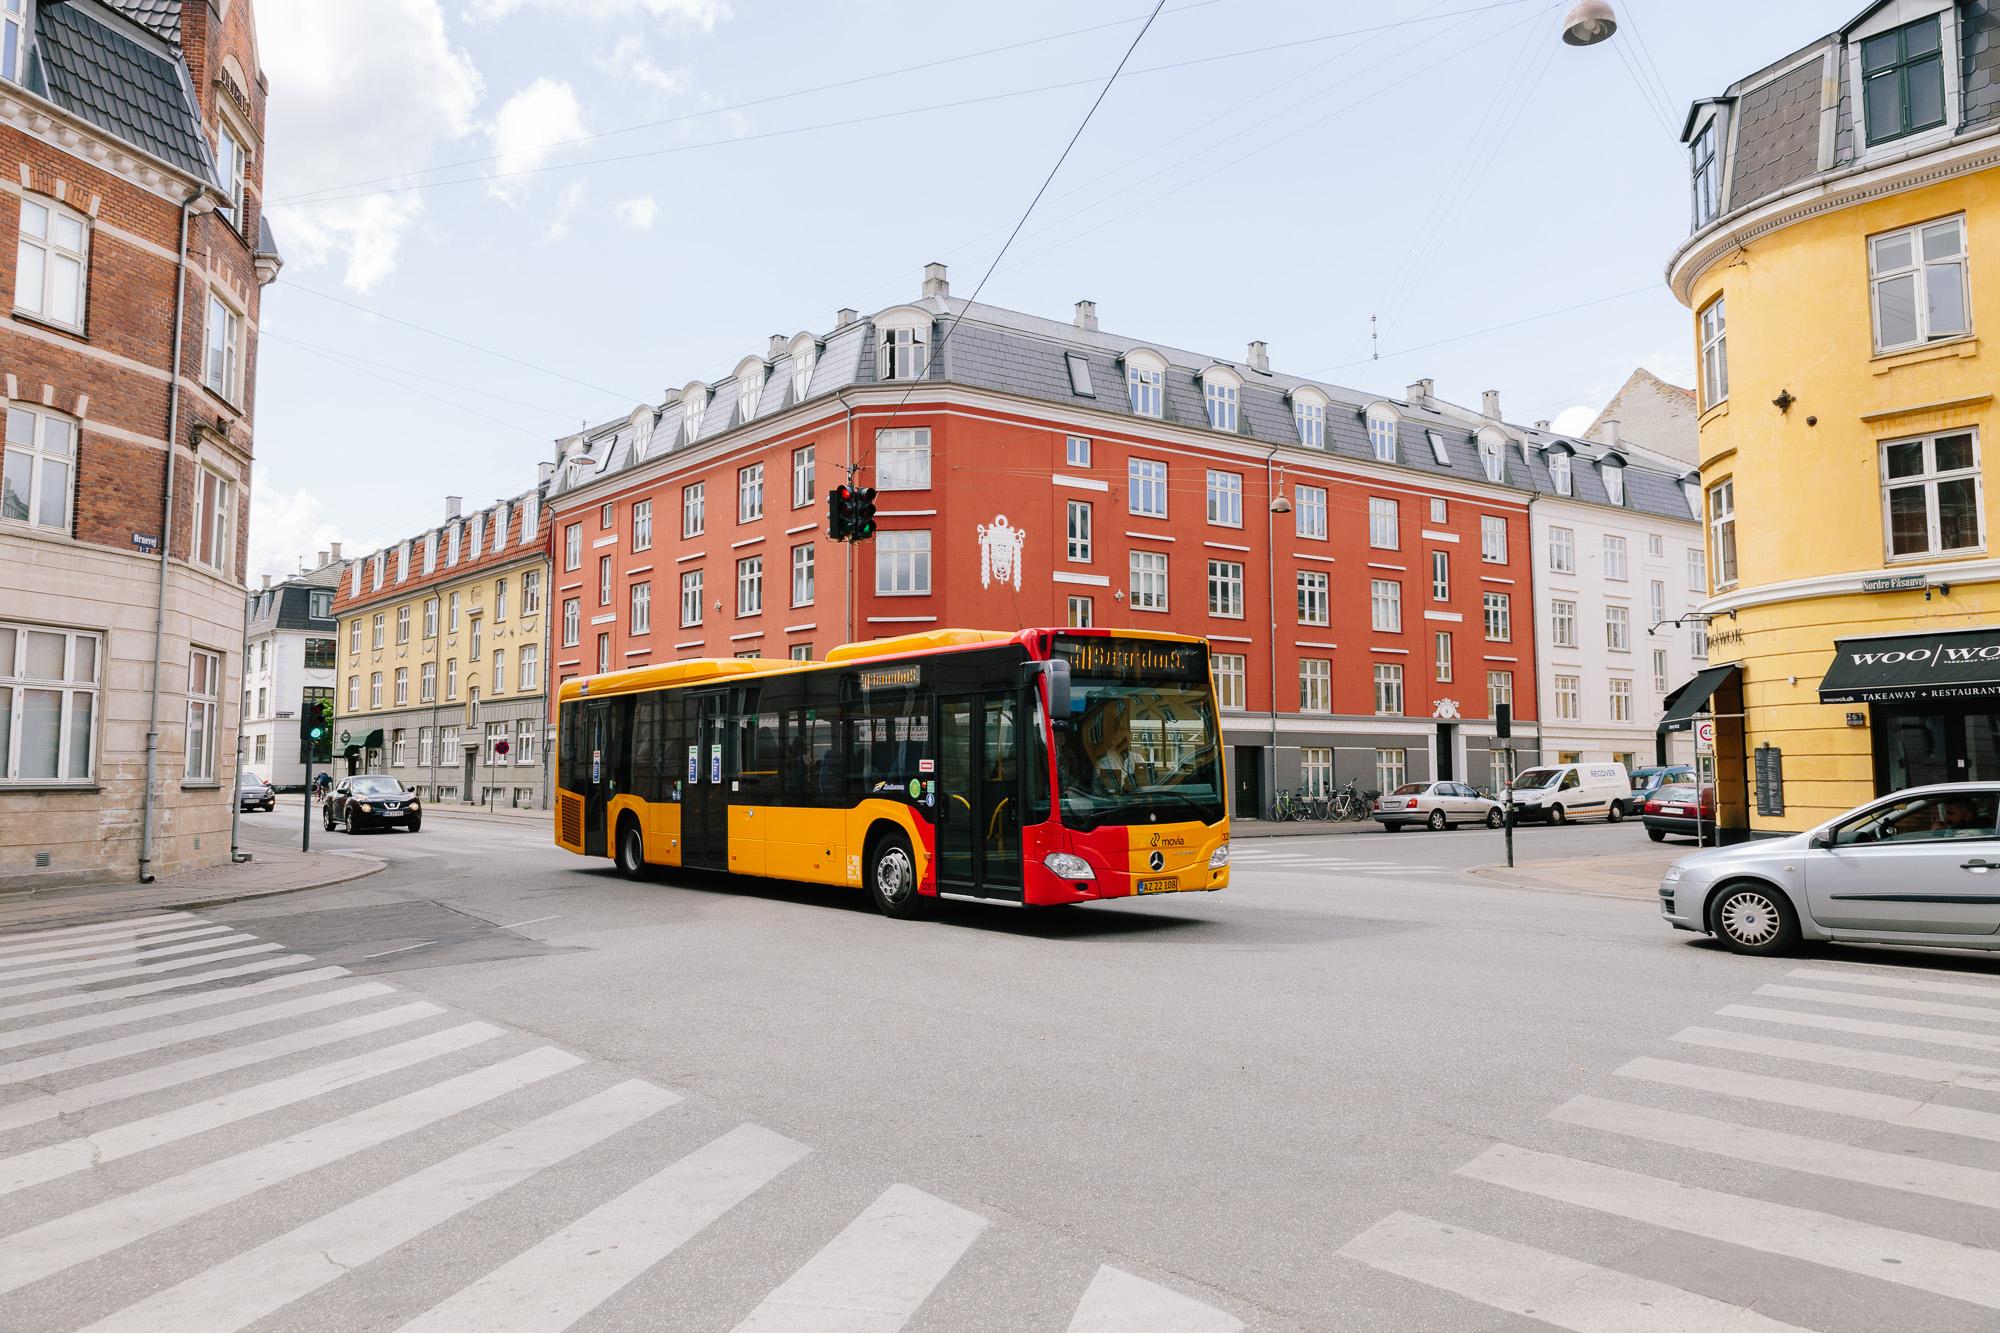 Copenhagen-Ant Tran-20160514-7739.jpg